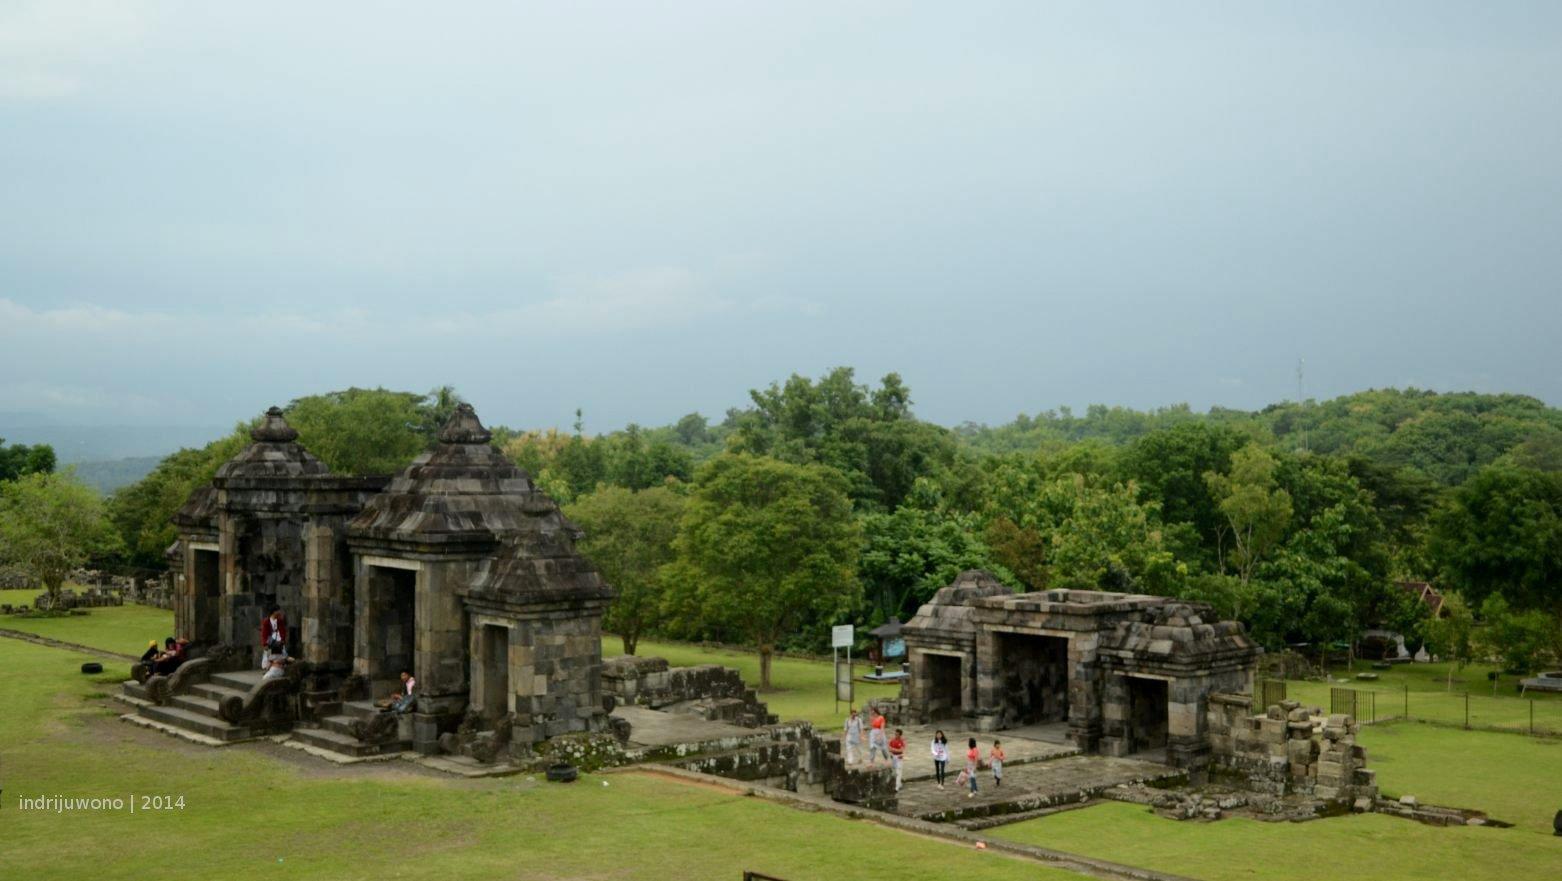 mencari sepi di istana ratu boko – tindak tanduk arsitek